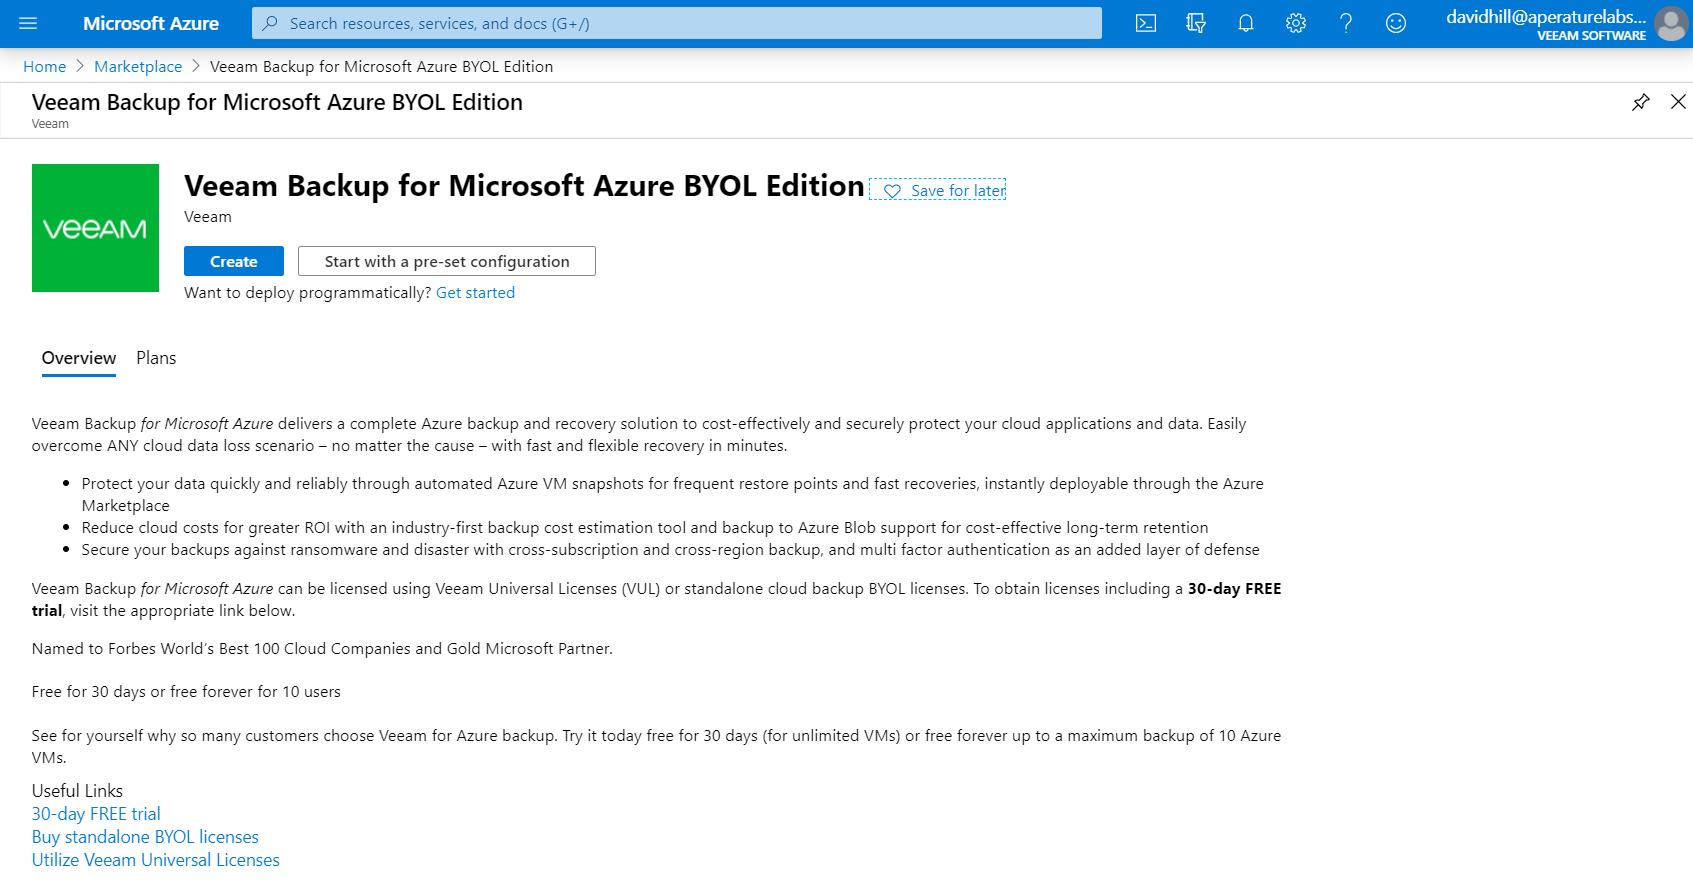 Veeam Backup for Microsoft Azure easy deployment via Azure Marketplace